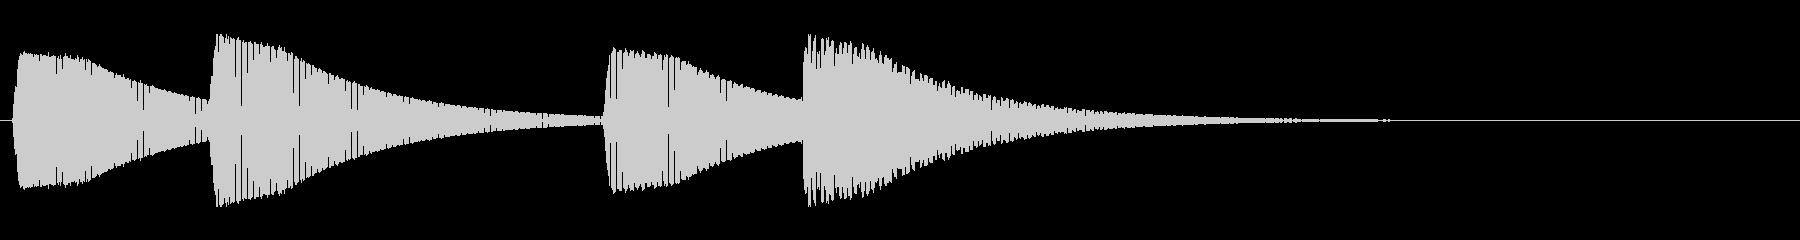 KANTアイキャッチ39効果音8bitの未再生の波形